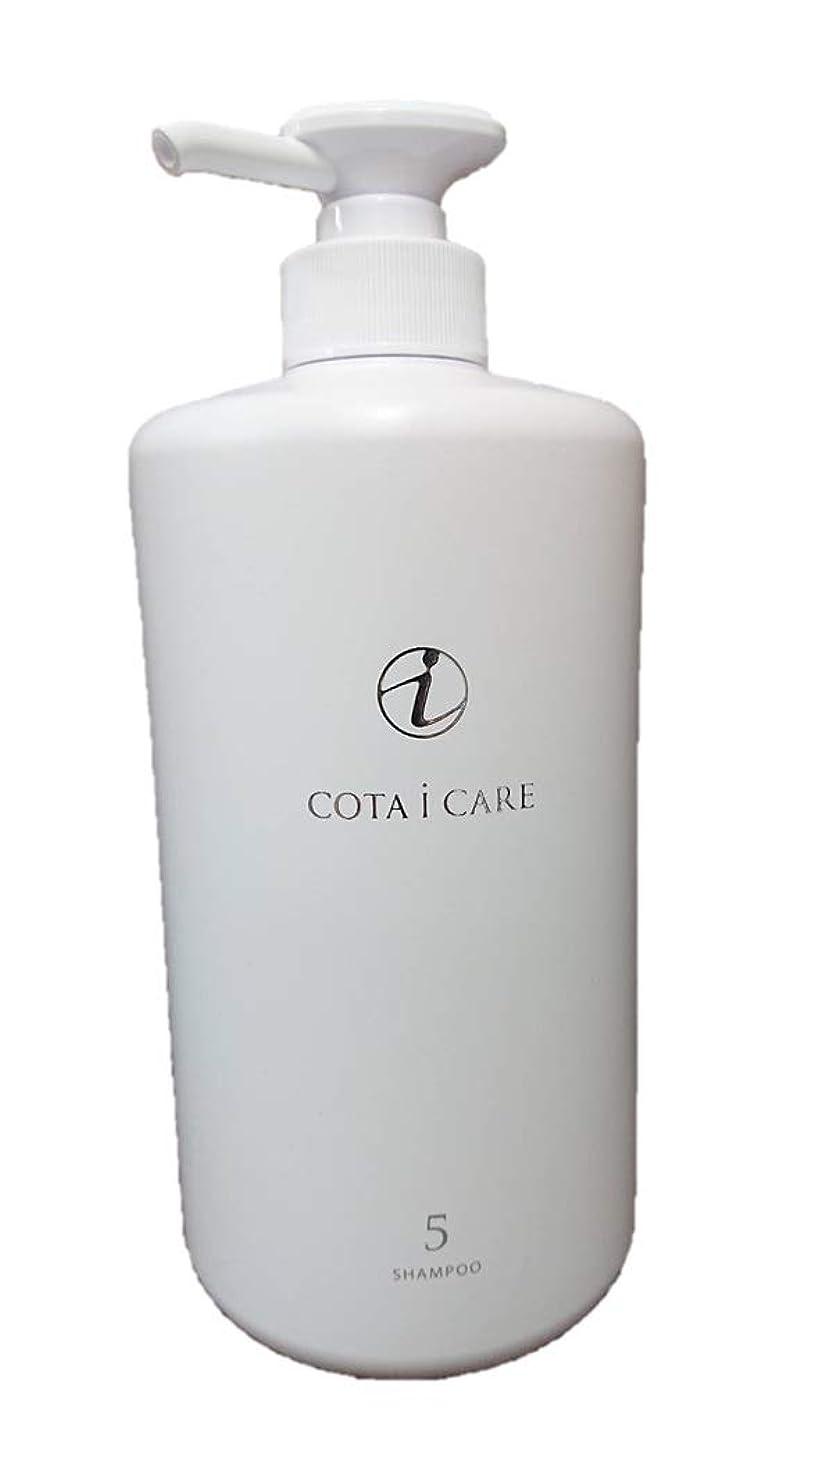 頑丈北東教室COTA i CARE コタ アイ ケア シャンプー 5 本体 800ml ジャスミンブーケの香り人気